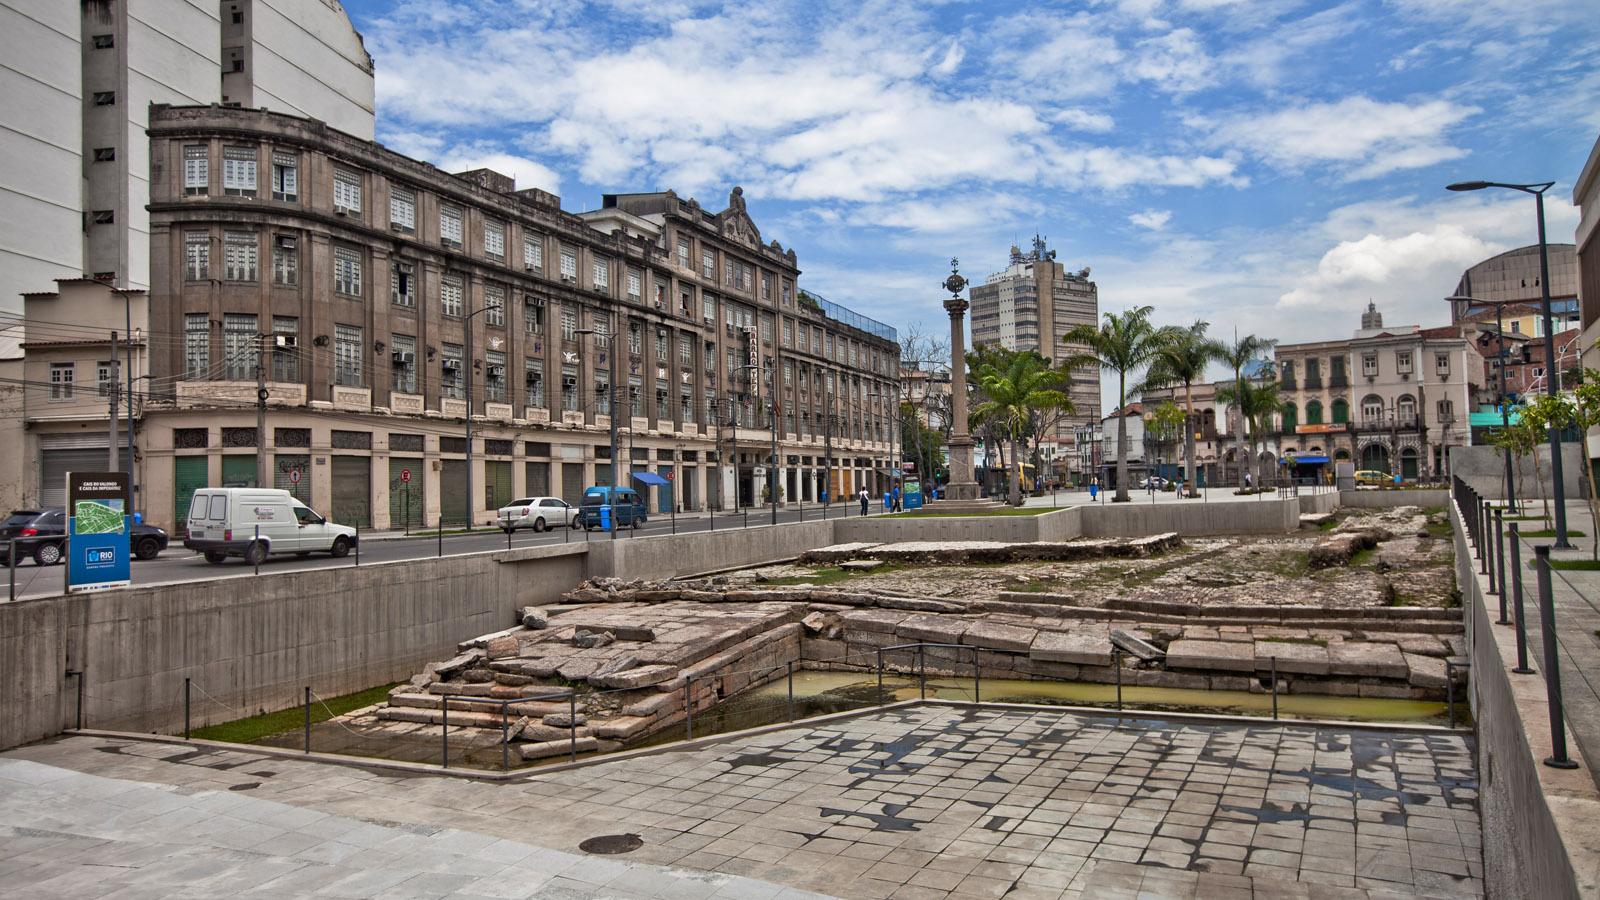 Obras do binário no Porto do Rio